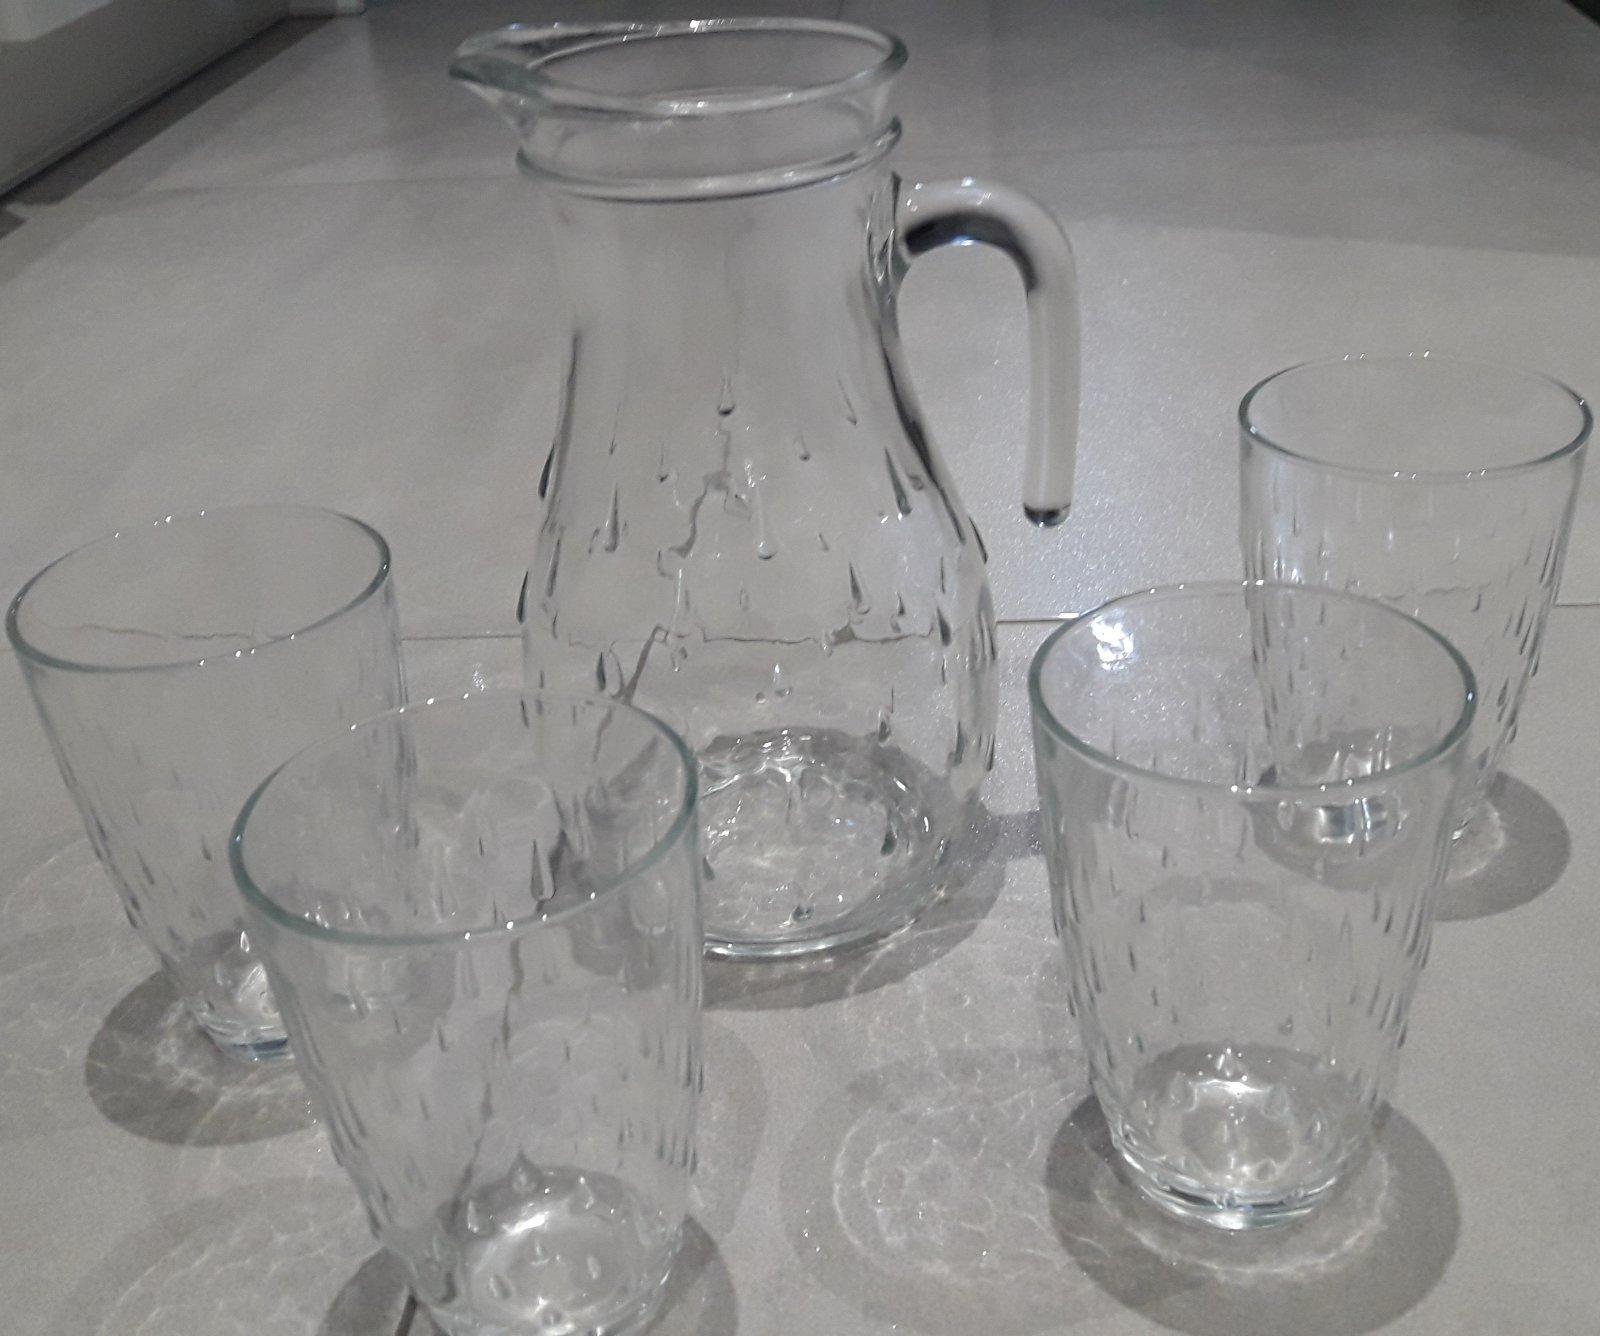 Sklenený ďžbán a poháre na víno alebo vodu - Obrázok č. 1